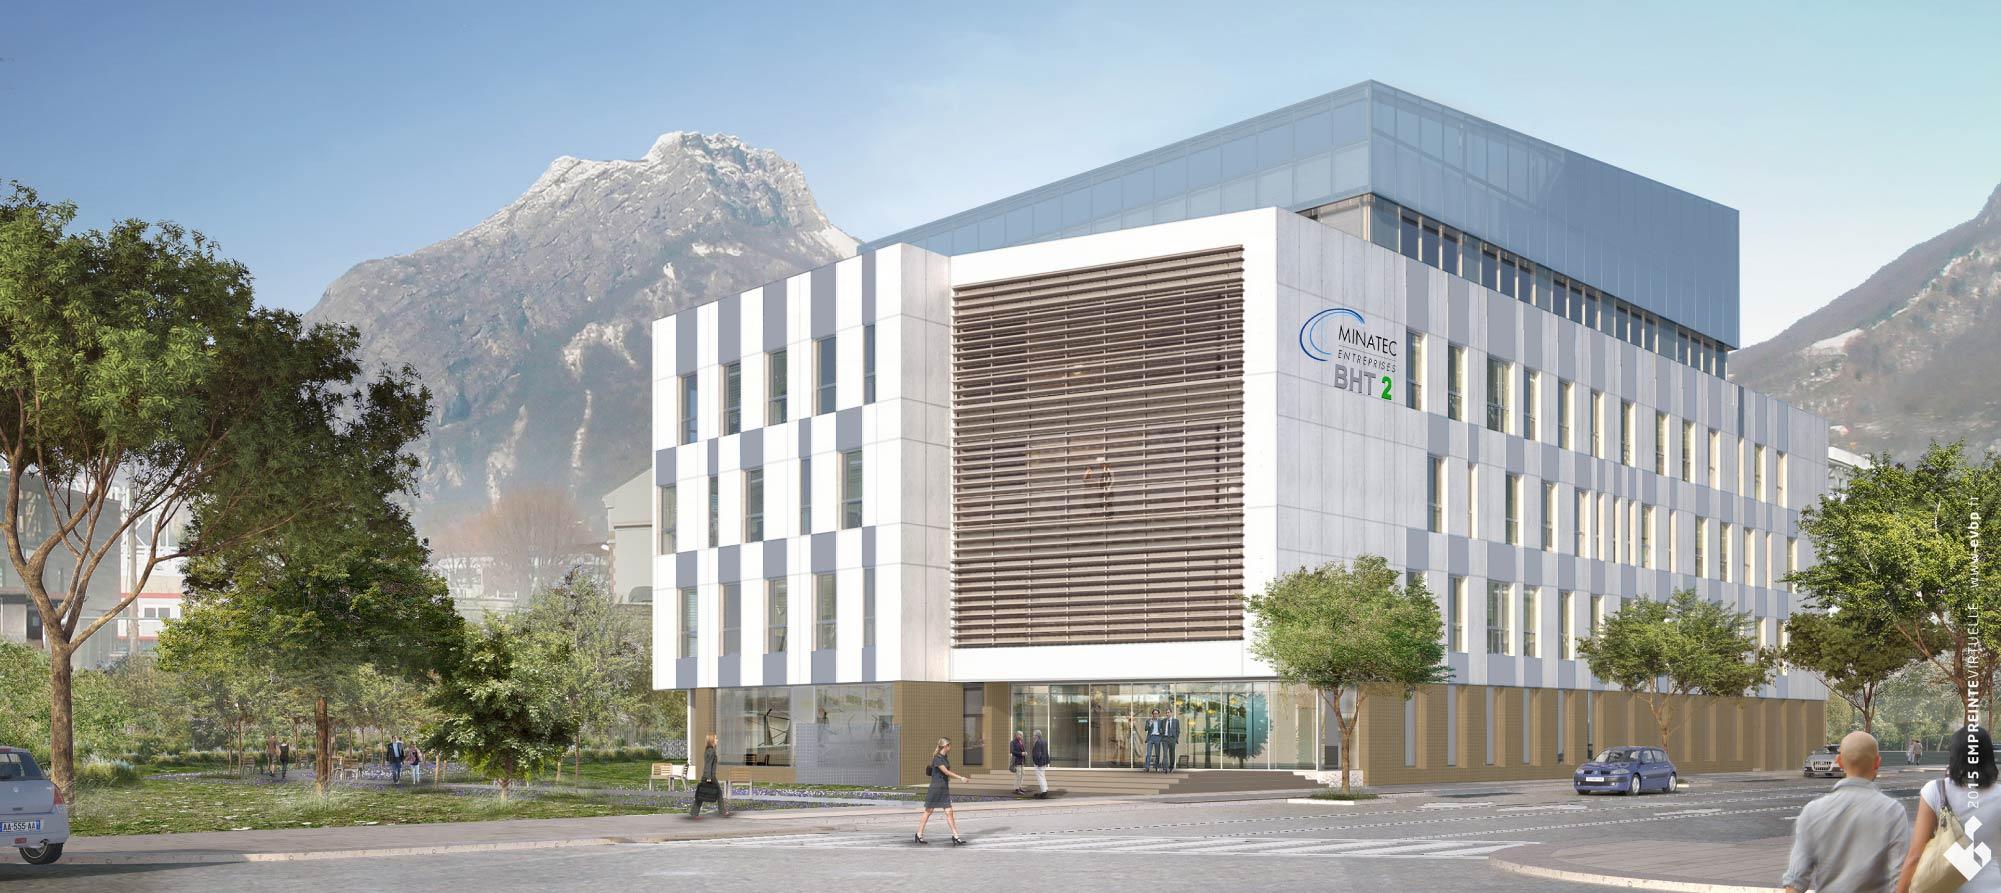 BHT2 - Bâtiment de Haute Technologie à Grenoble